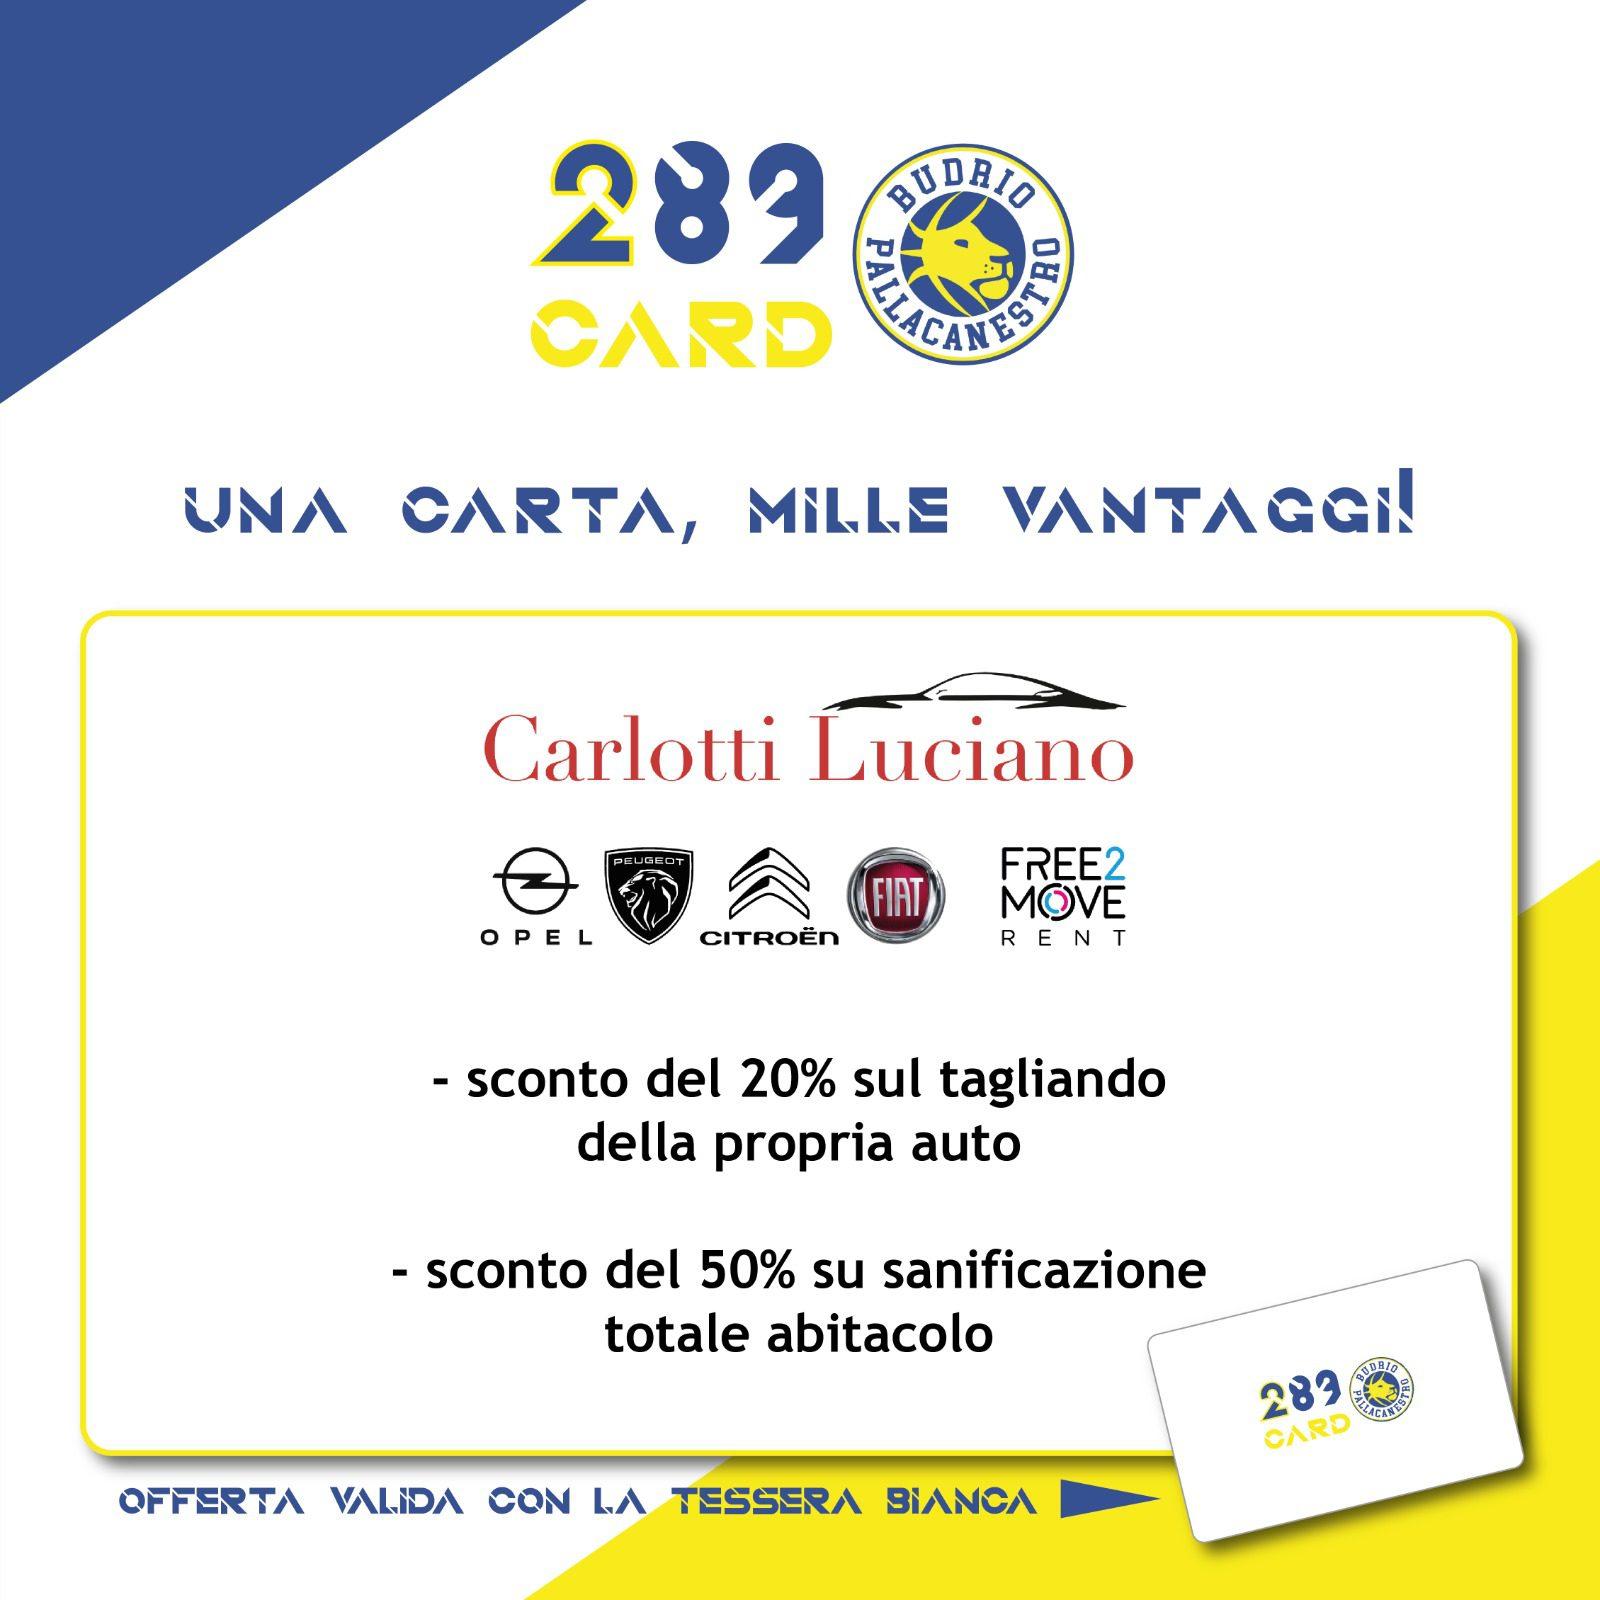 Da Carlotti Luciano IMPERDIBILE OFFERTA con 289Card !!